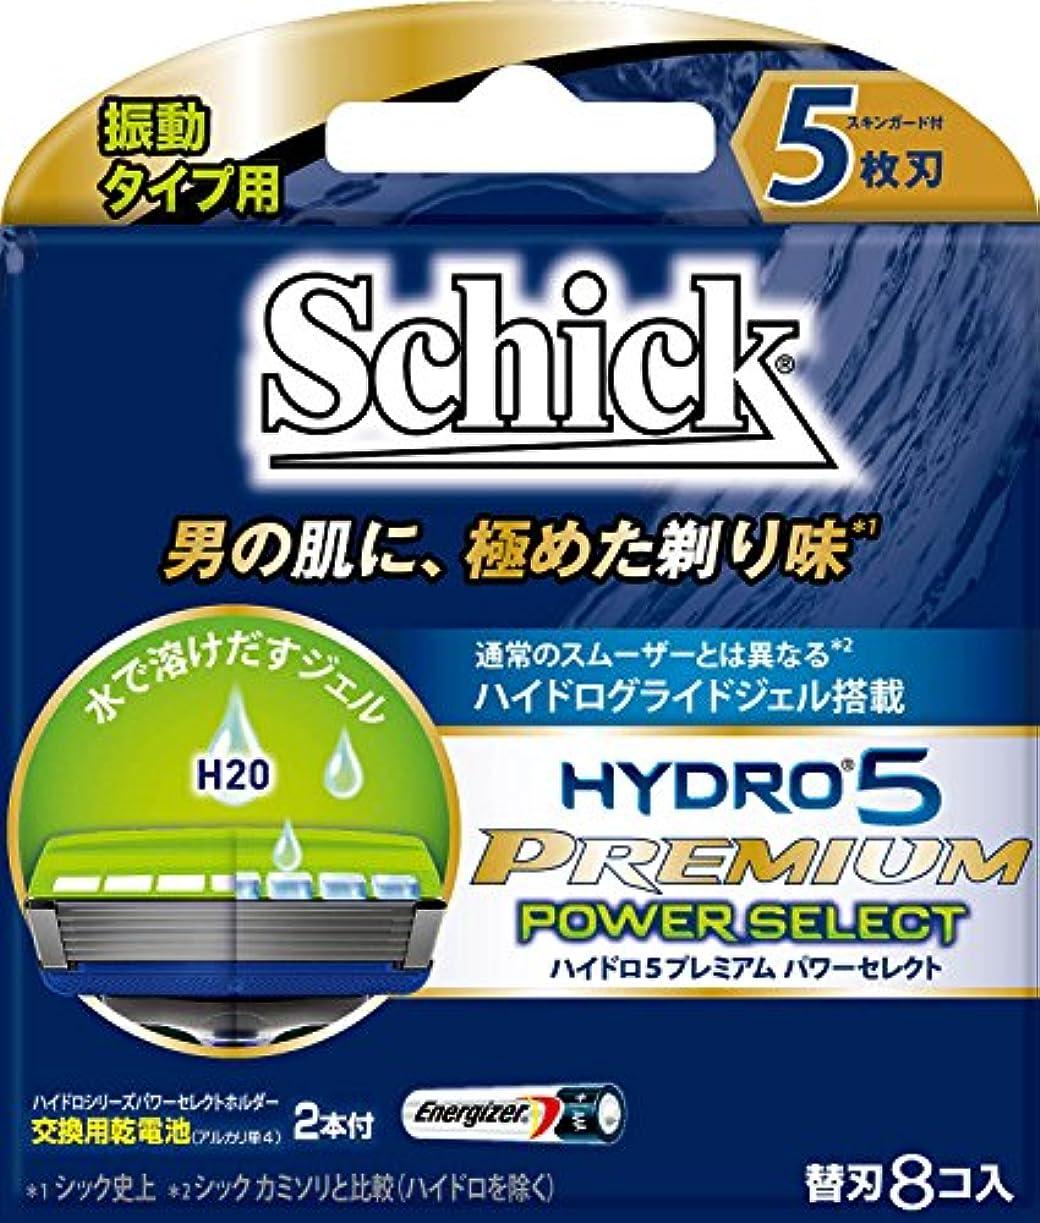 トレイ本質的にタオルシック Schick 5枚刃 ハイドロ5 プレミアム 替刃 8コ入 アルカリAAA単4乾電池2本付 男性カミソリ